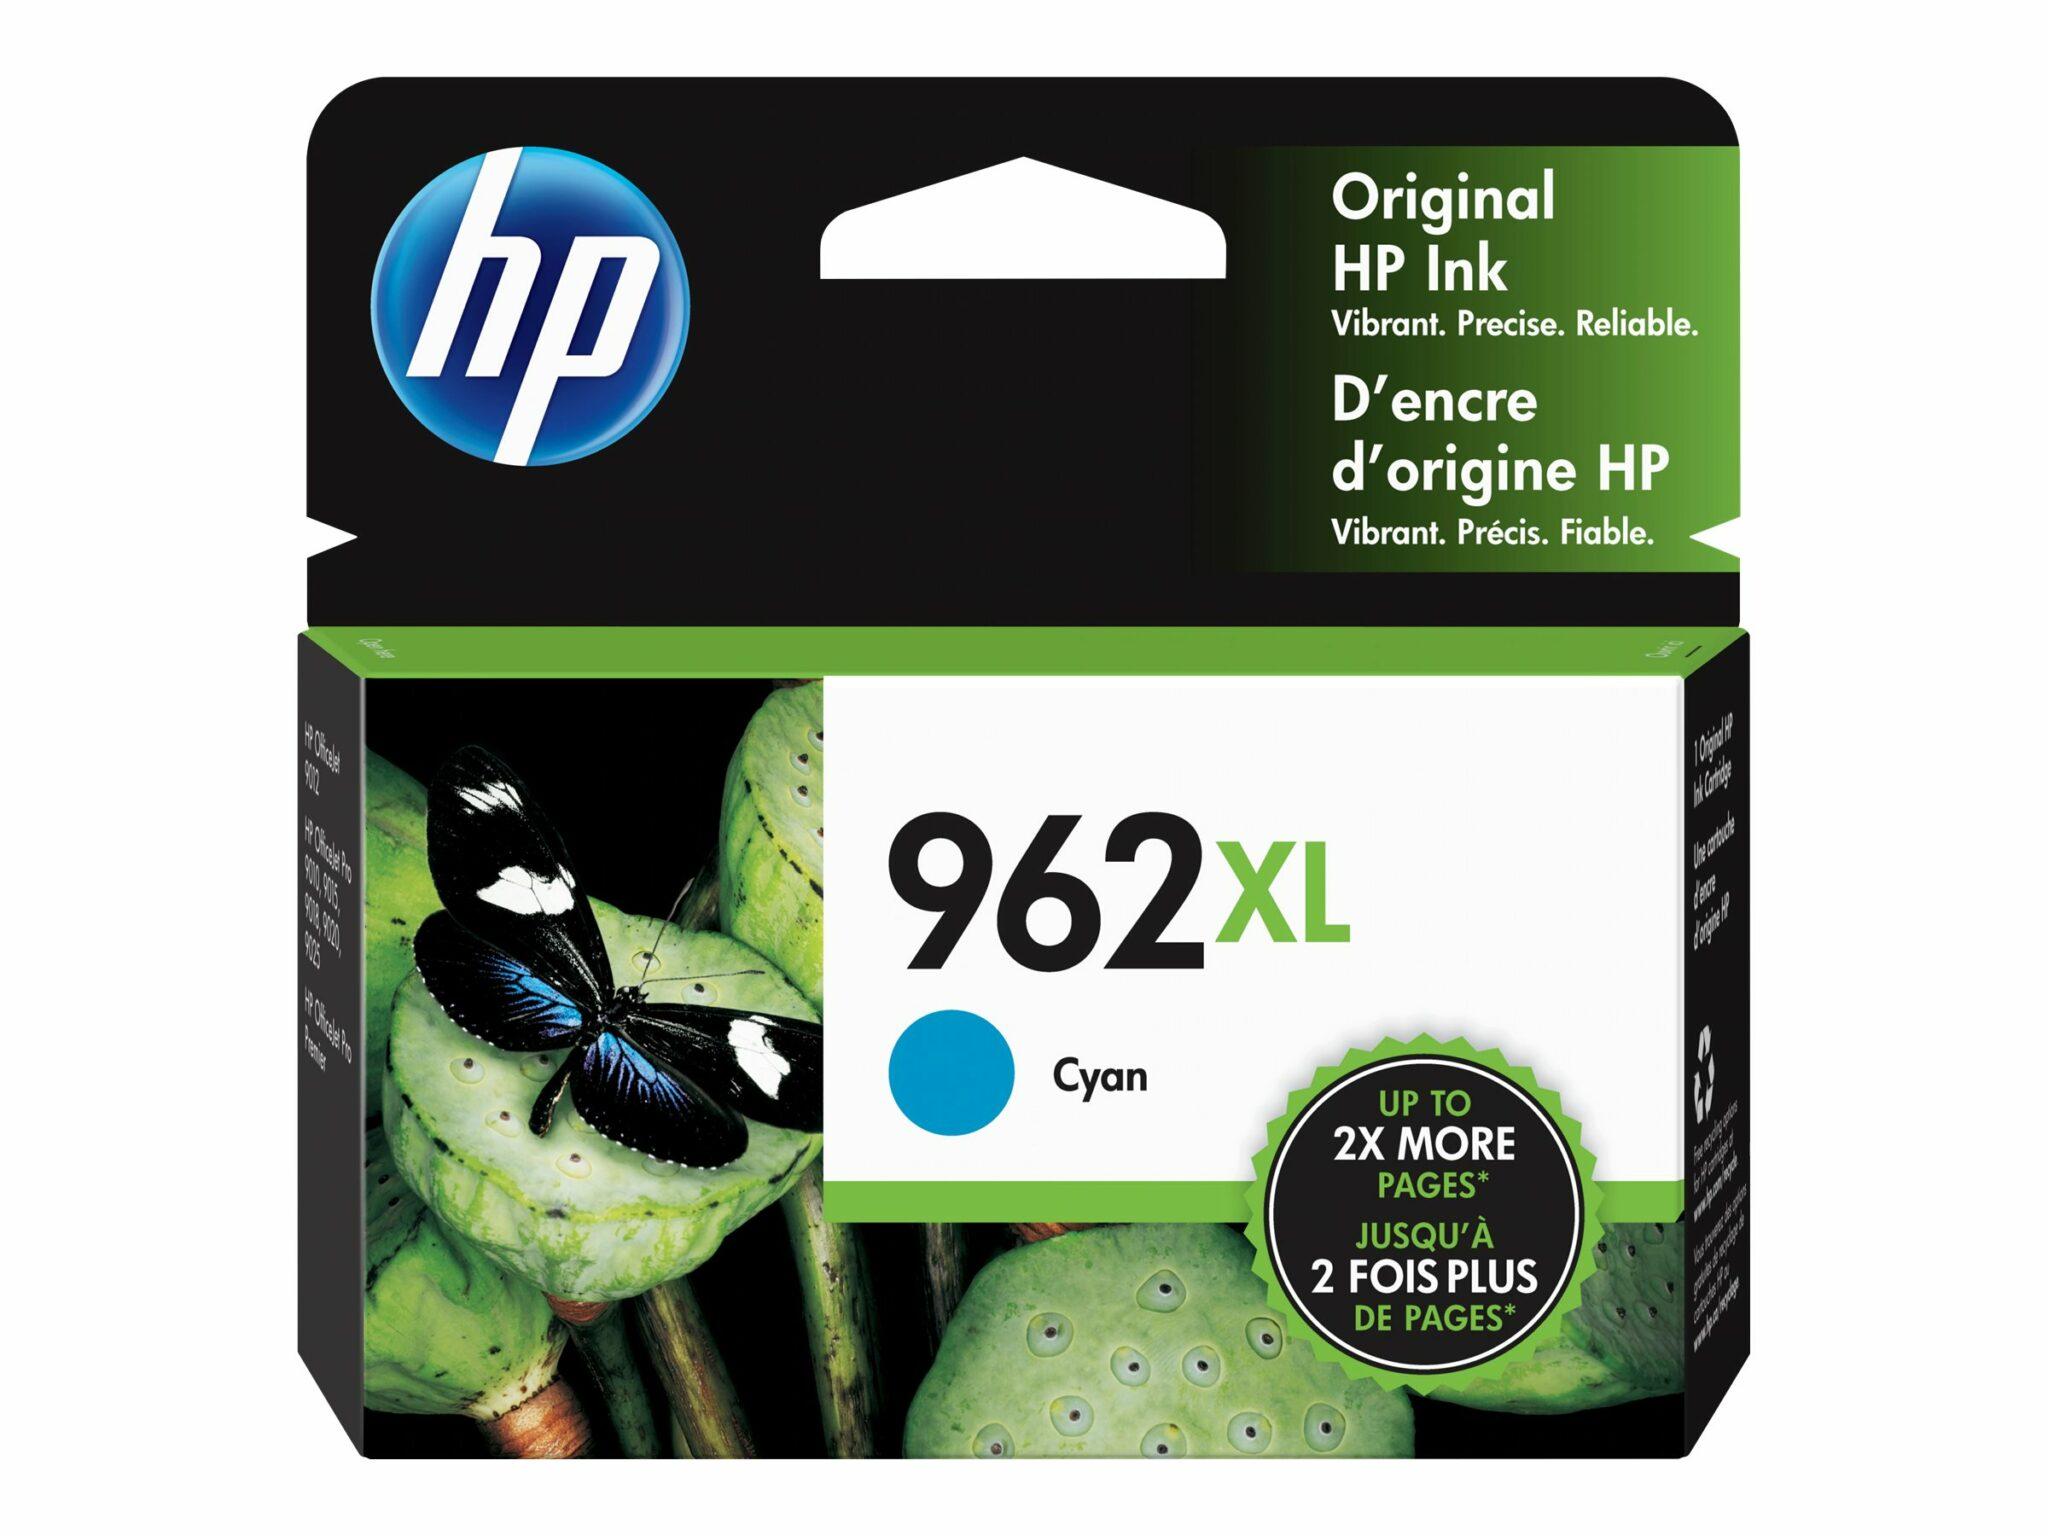 HP 962XL Cyan Original Ink Cartridge